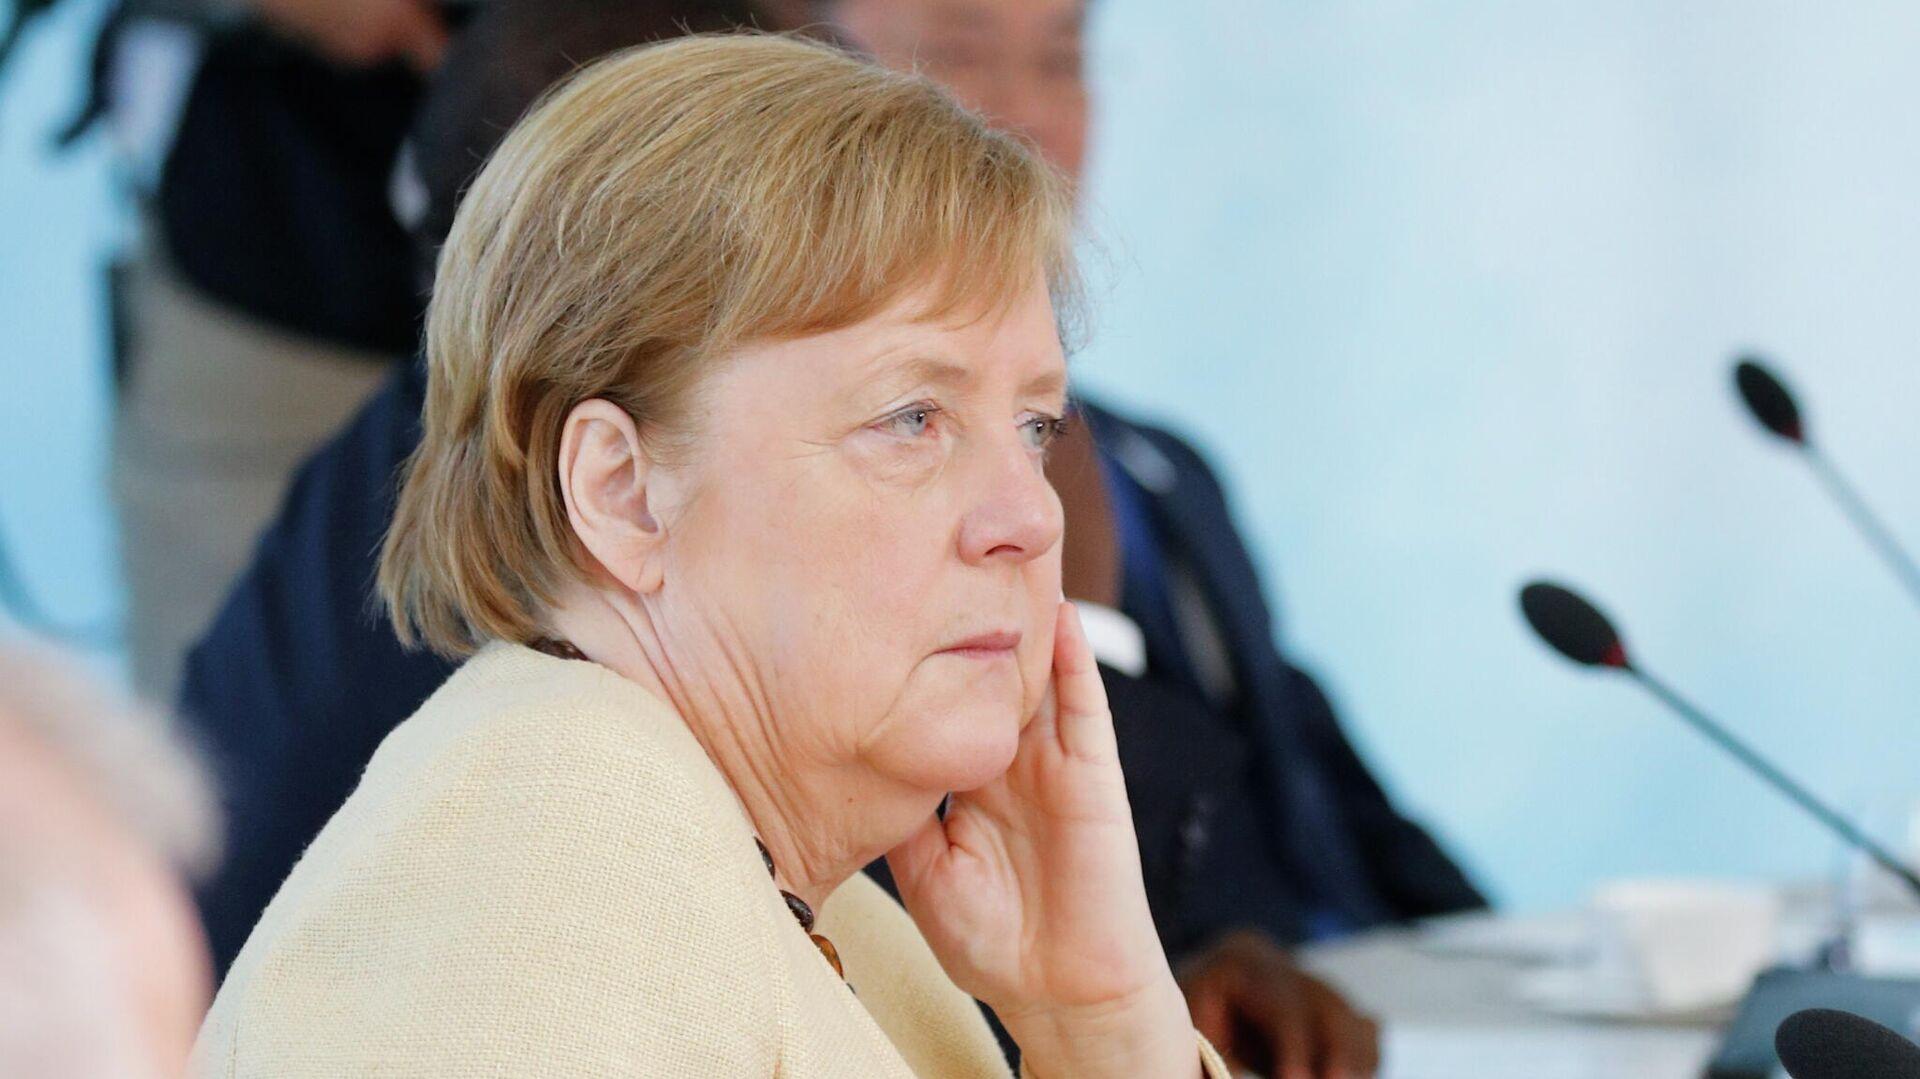 Канцлер Германии Ангела Меркель на саммите G7 в Великобритании - РИА Новости, 1920, 18.06.2021